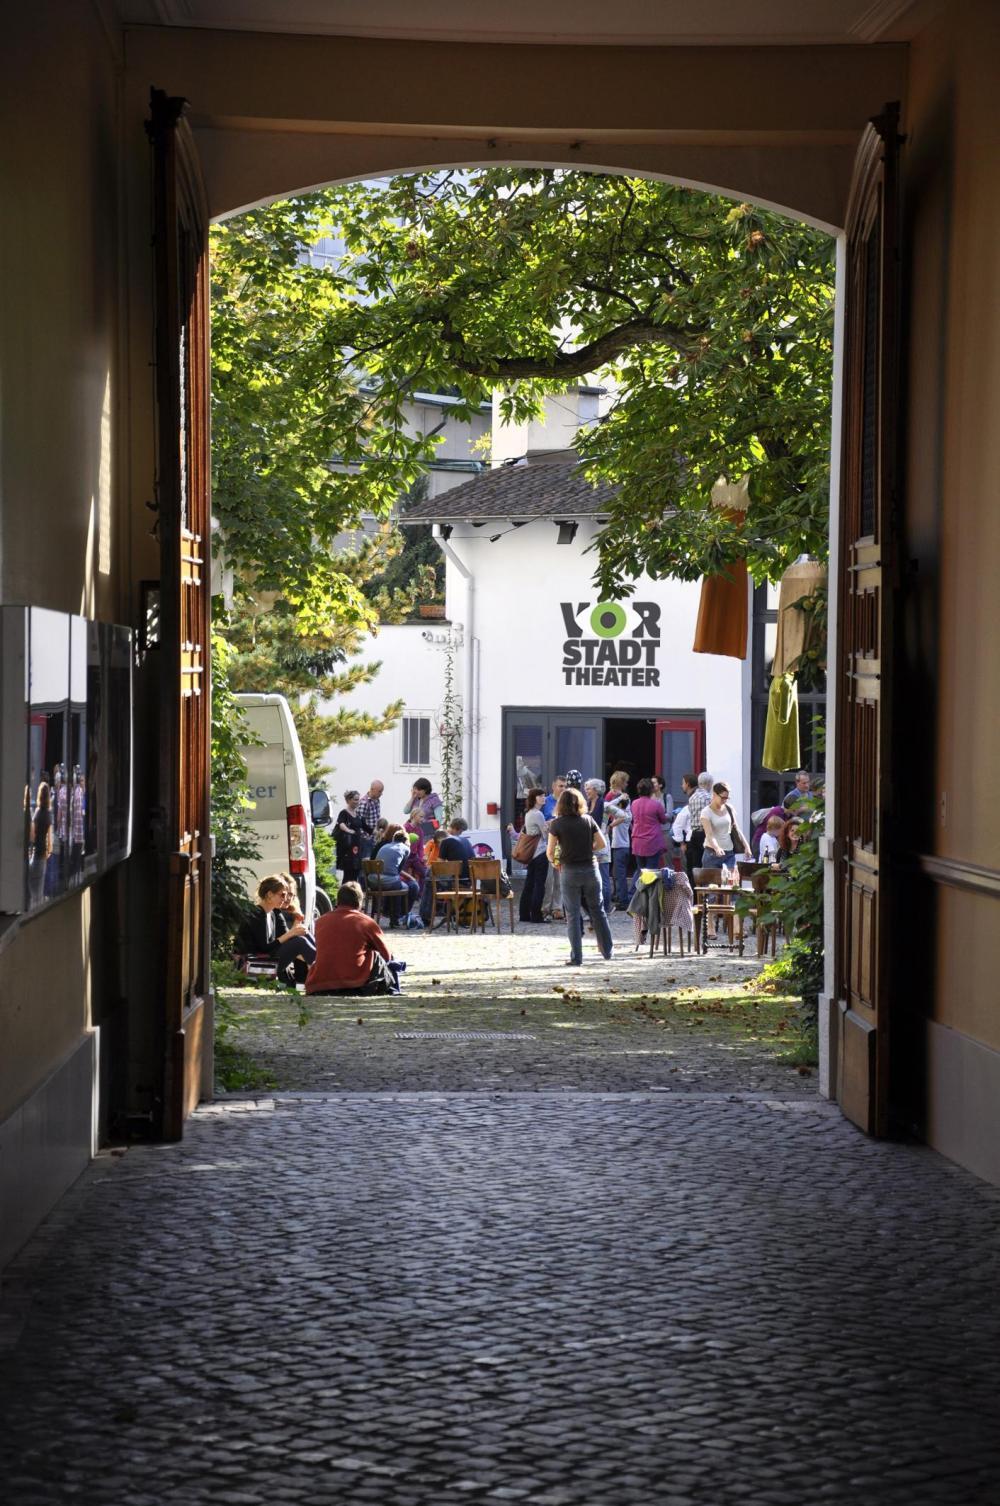 Bereits seit 1974 schafft es das Vorstadttheater Basel, Kinder wie auch Erwachsene anzusprechen, herauszufordern und zu unterhalten.